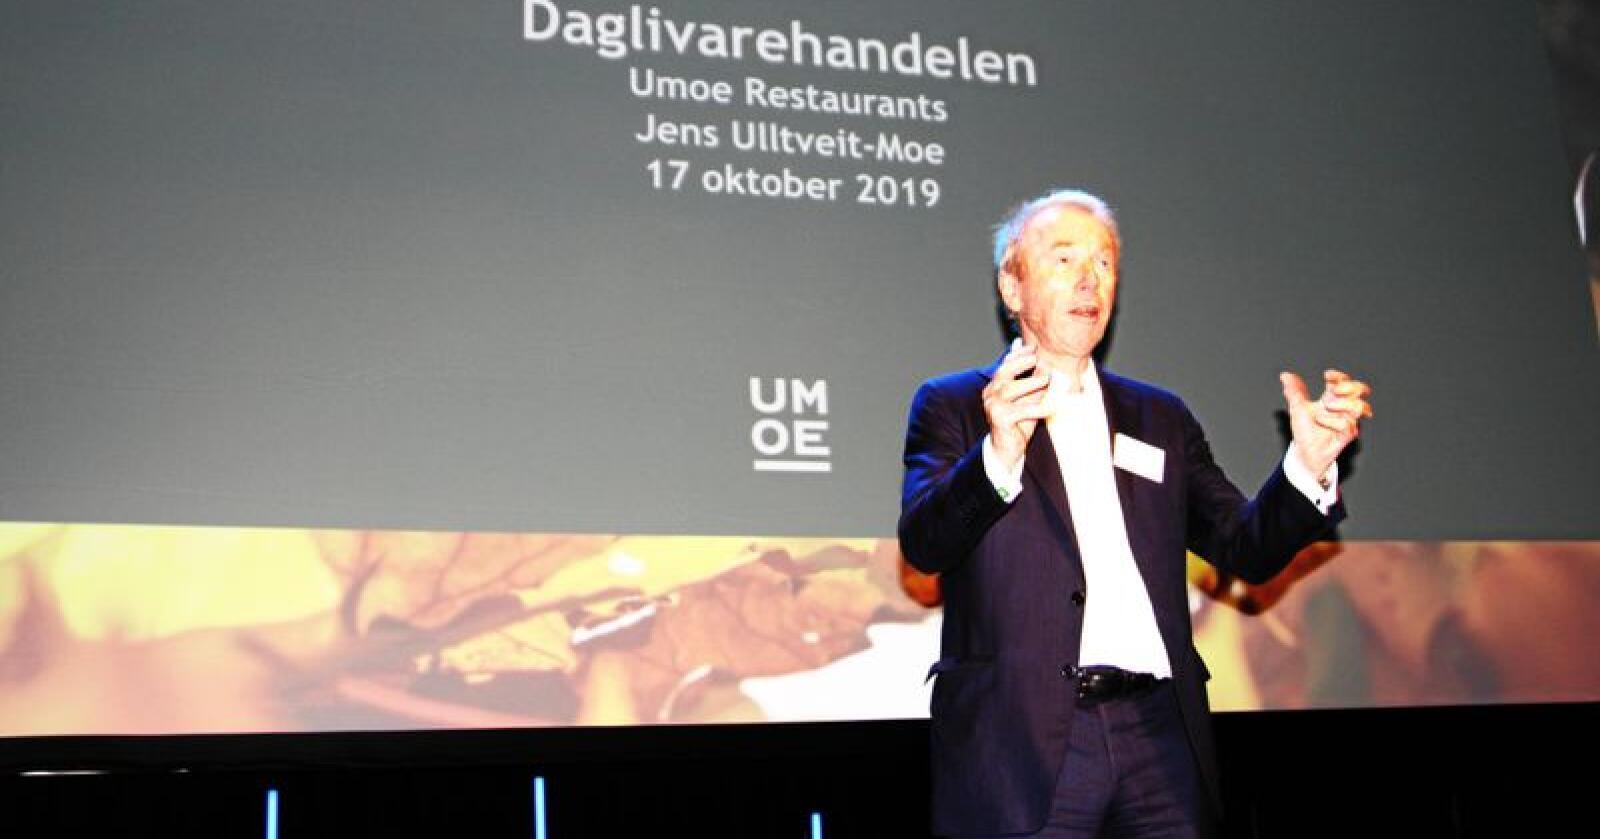 Forretningsmann og restaranteier Jens Ulltveit-Moe tror det grønne skiftet vil merkes både blant bønder og i restaurantbransjen. Foto: Christiane Jordheim Larsen